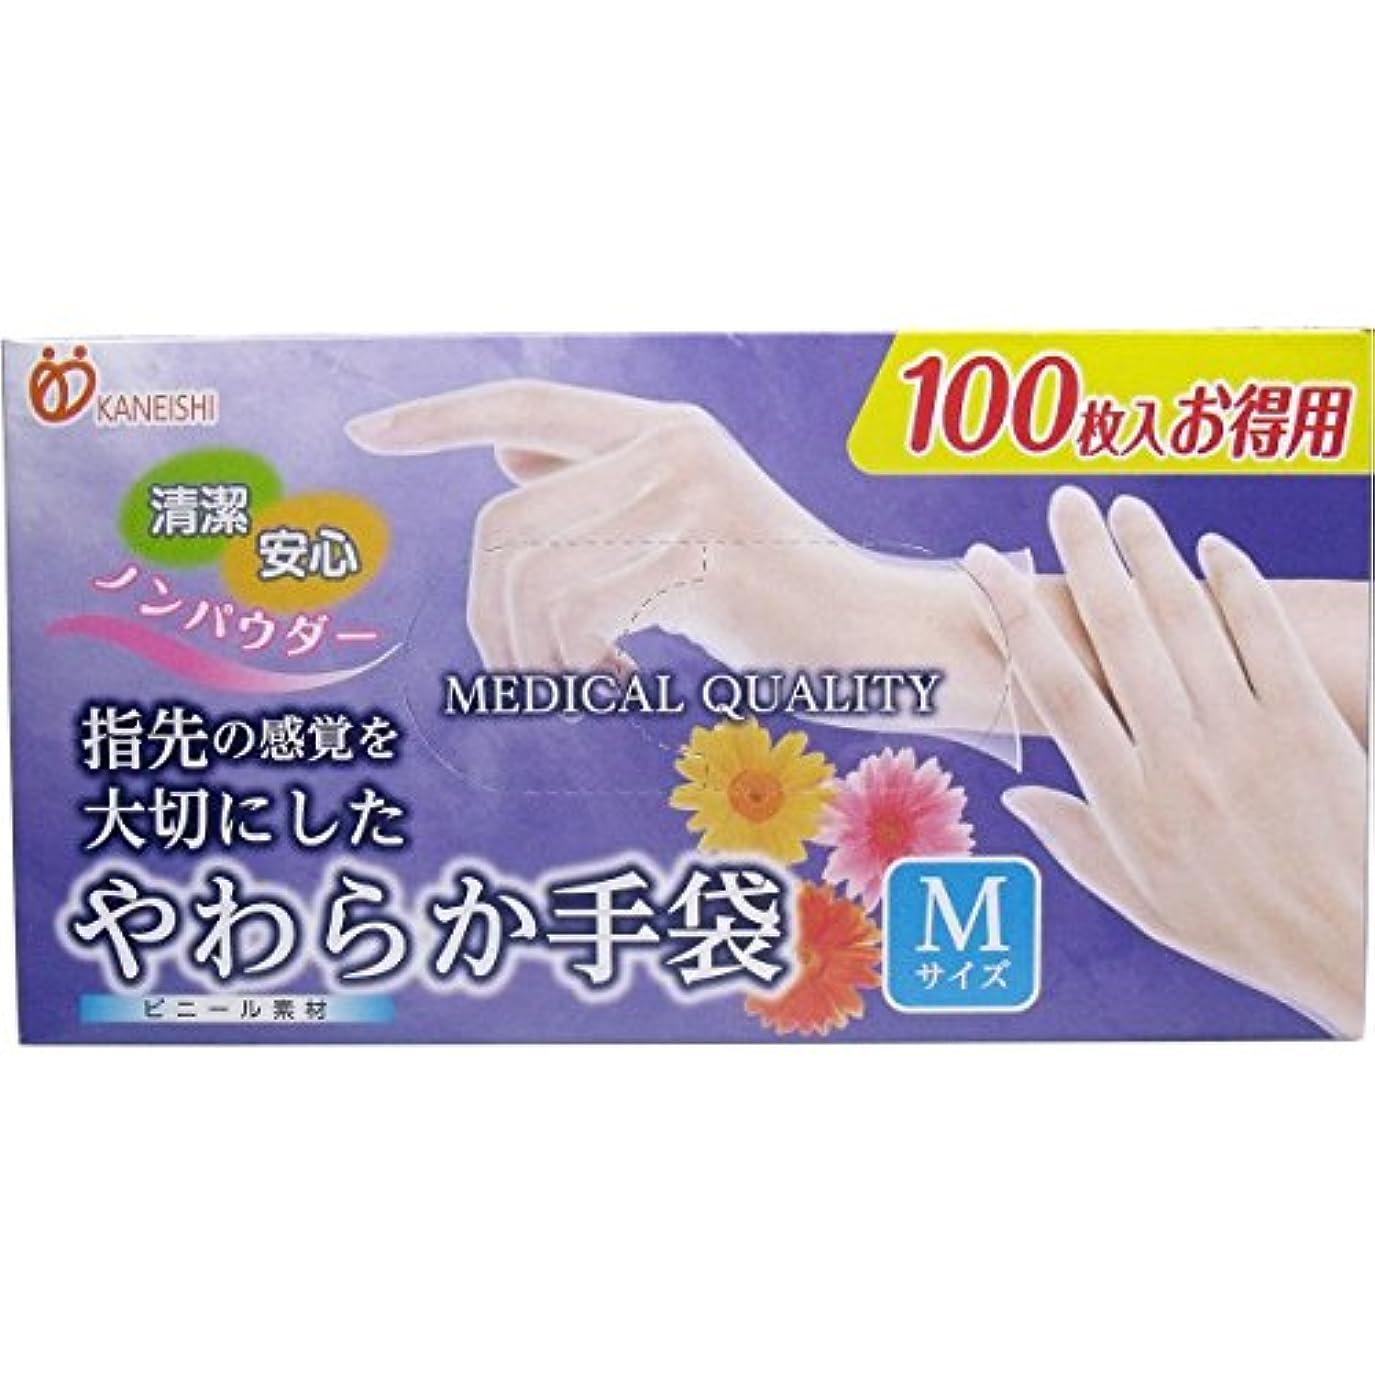 編集する卑しい議題やわらか手袋 ビニール素材 Mサイズ 100枚入x4